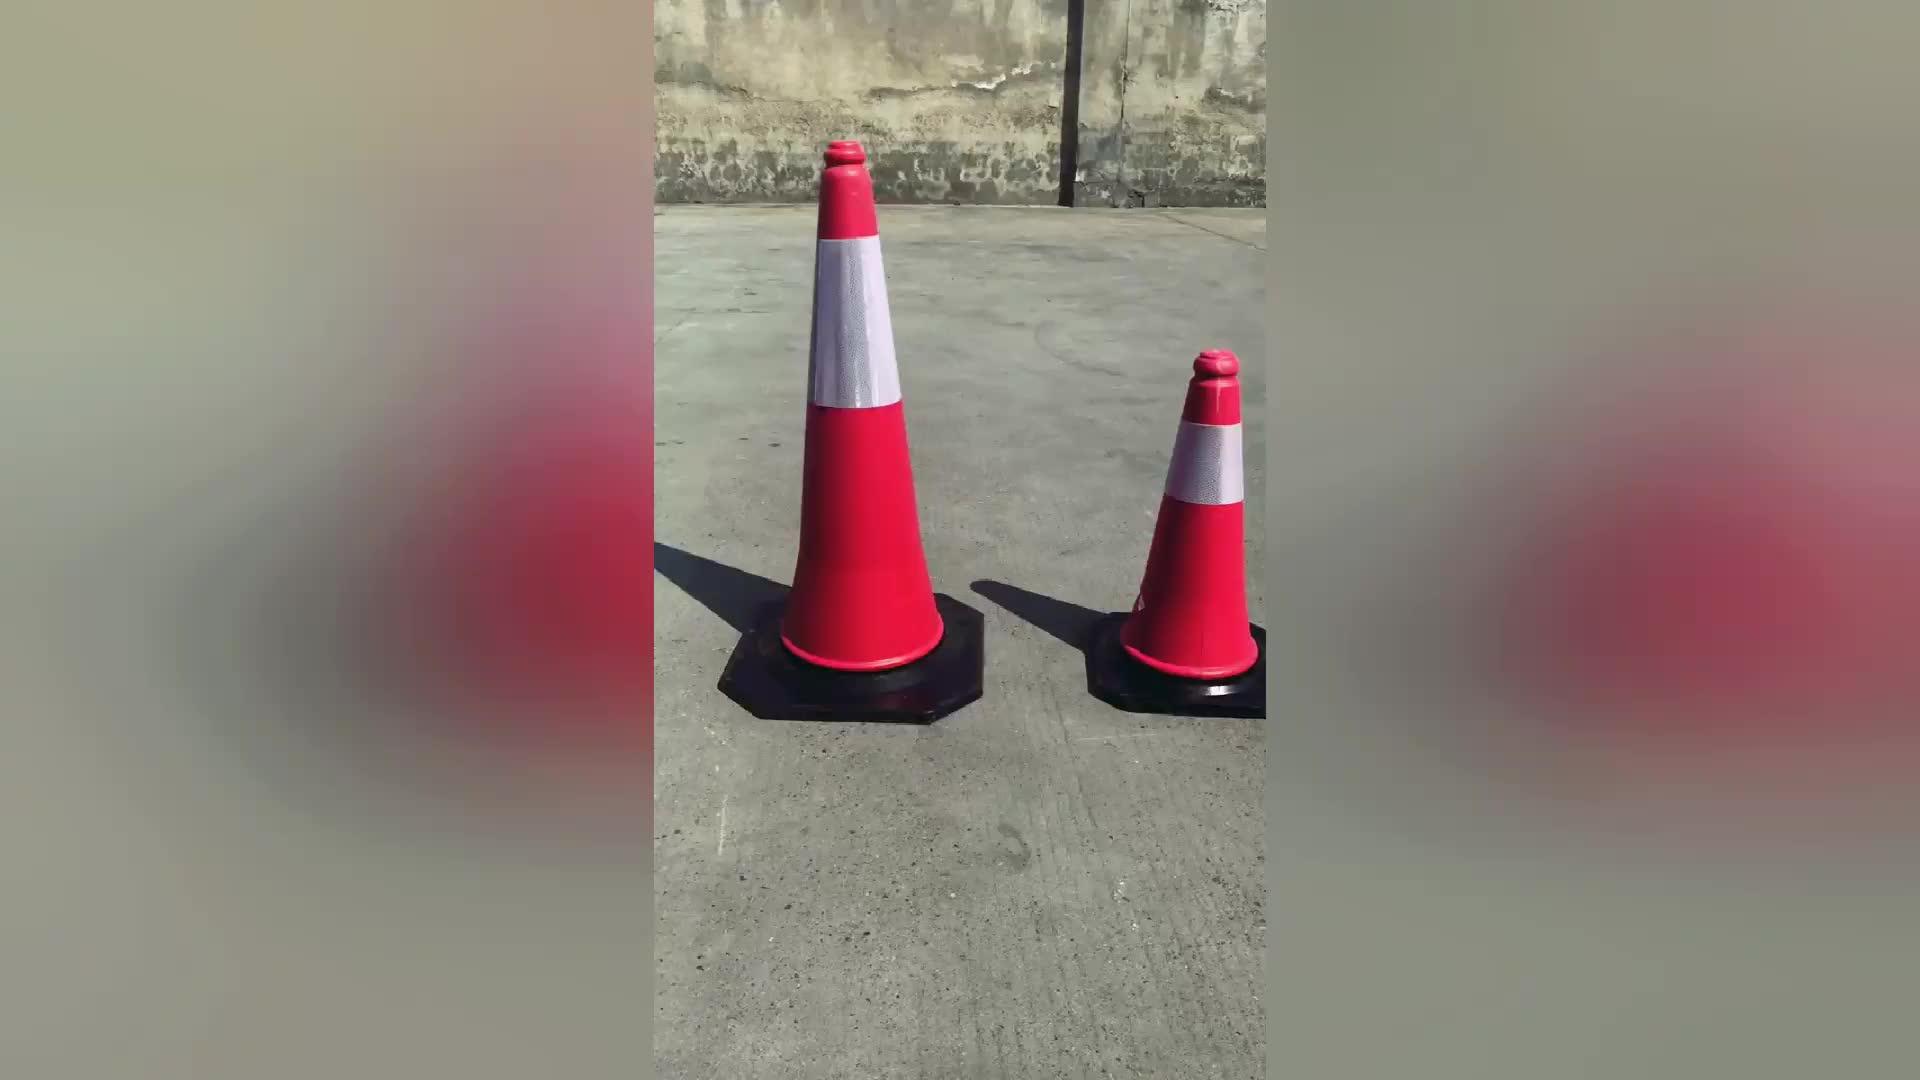 pvc התנועה רעיוני בטיחות קונוסים